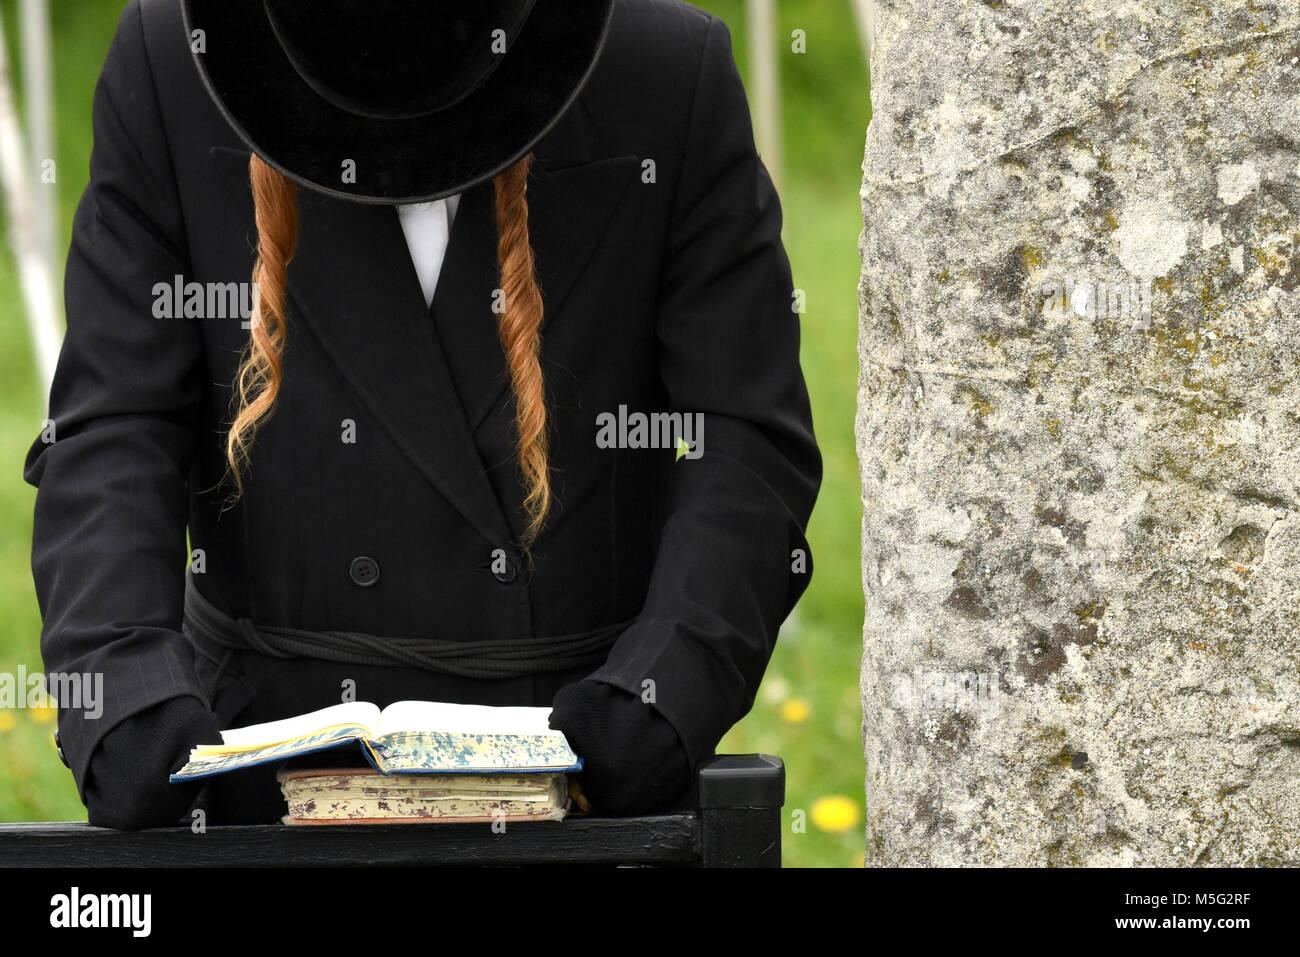 Orthodox Jewish prays, jews, judaism, hasidim - Stock Image